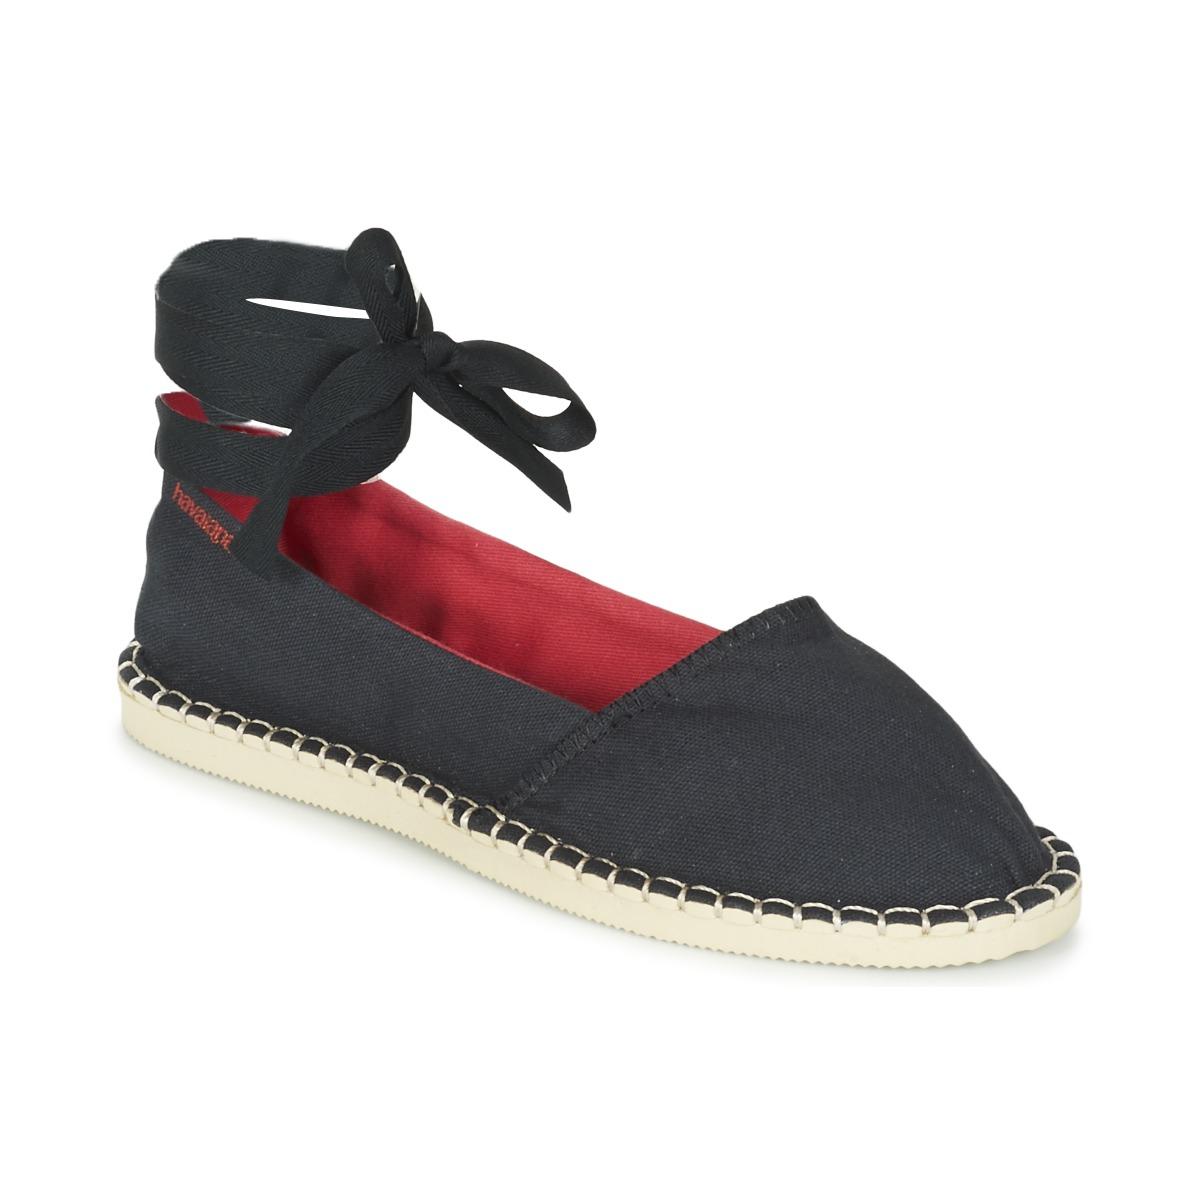 Havaianas ORIGINE SLIM Schwarz - Kostenloser Versand bei Spartoode ! - Schuhe Leinen-Pantoletten mit gefloch Damen 35,99 €